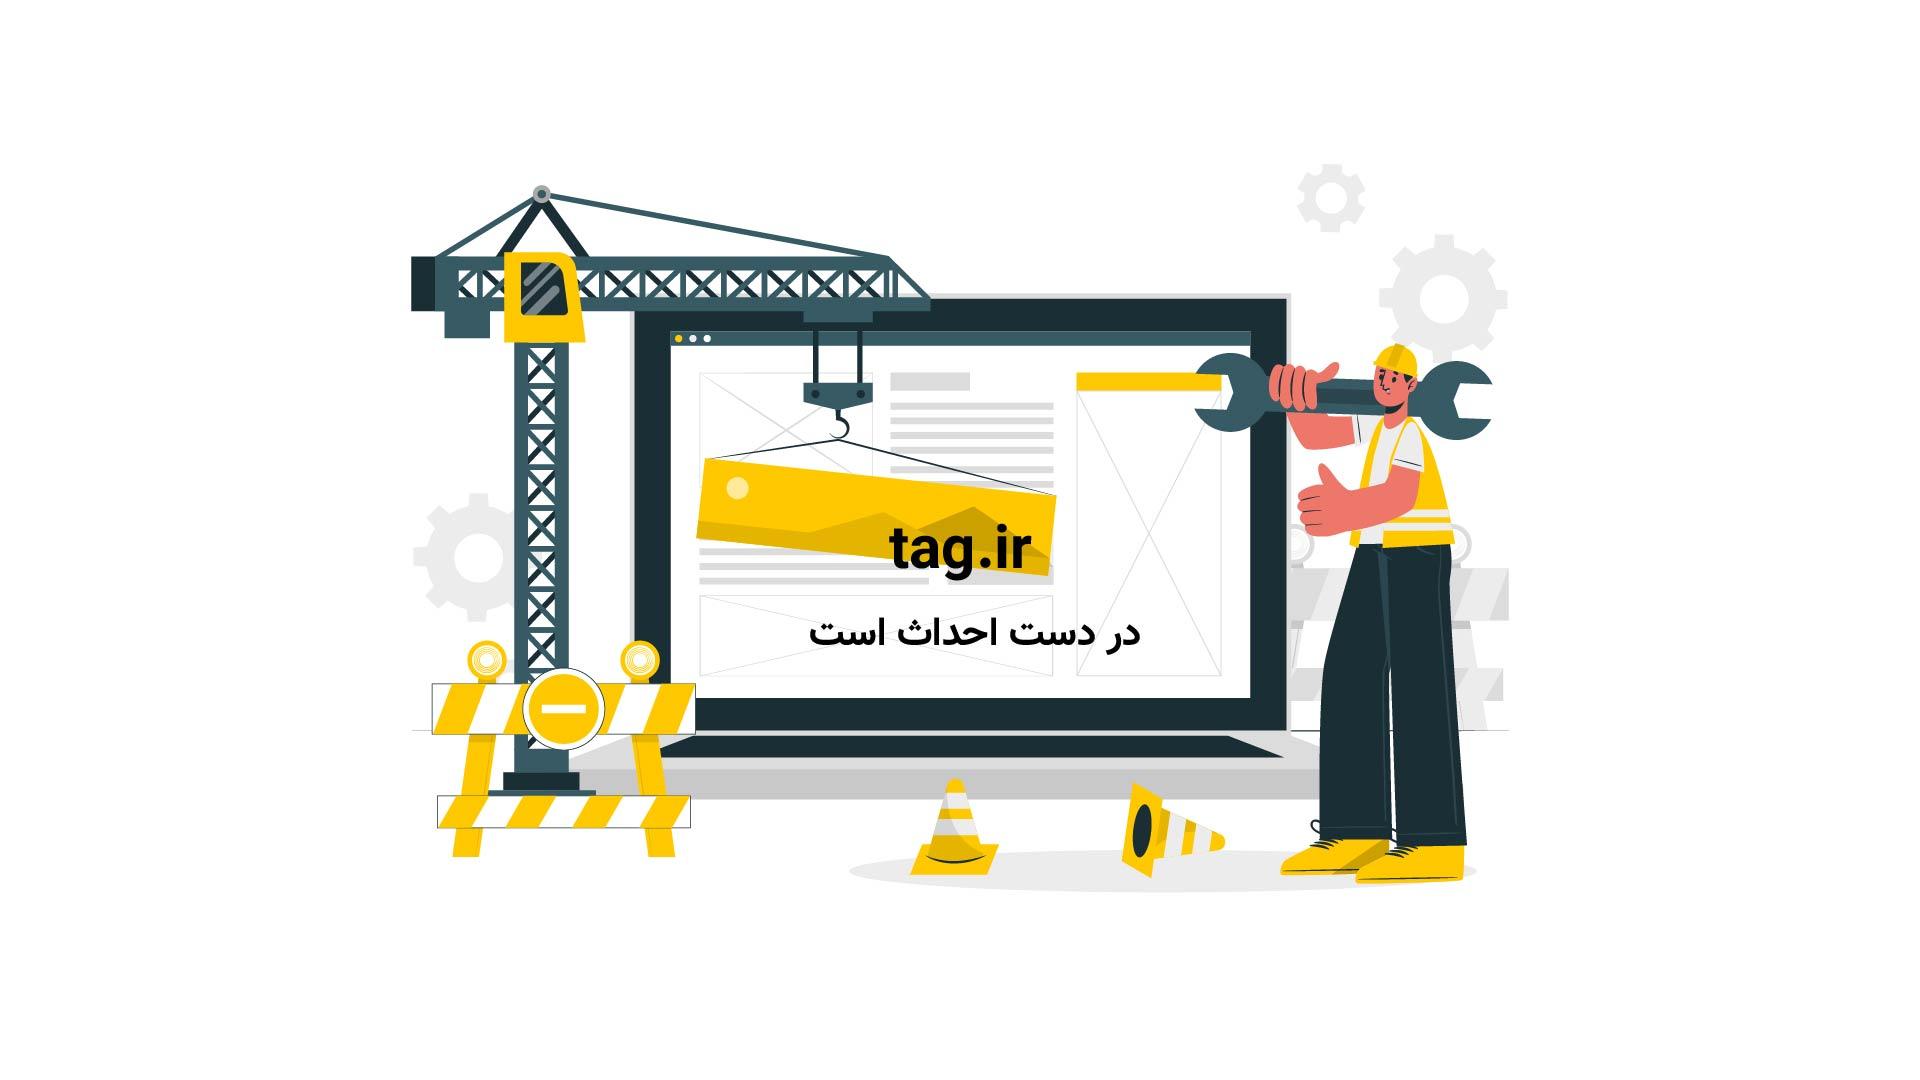 تربیت عقاب در فرانسه برای مهار پهپادها|تگ